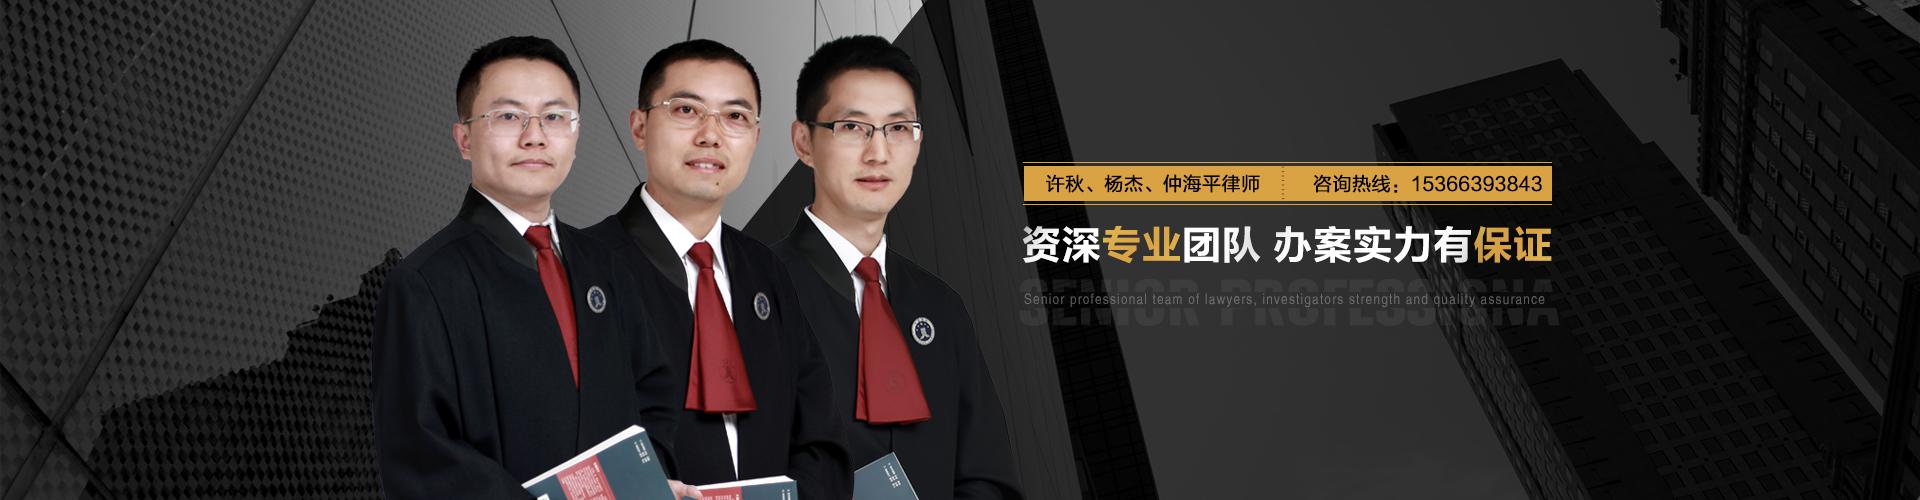 许秋、杨杰、仲海平律师网